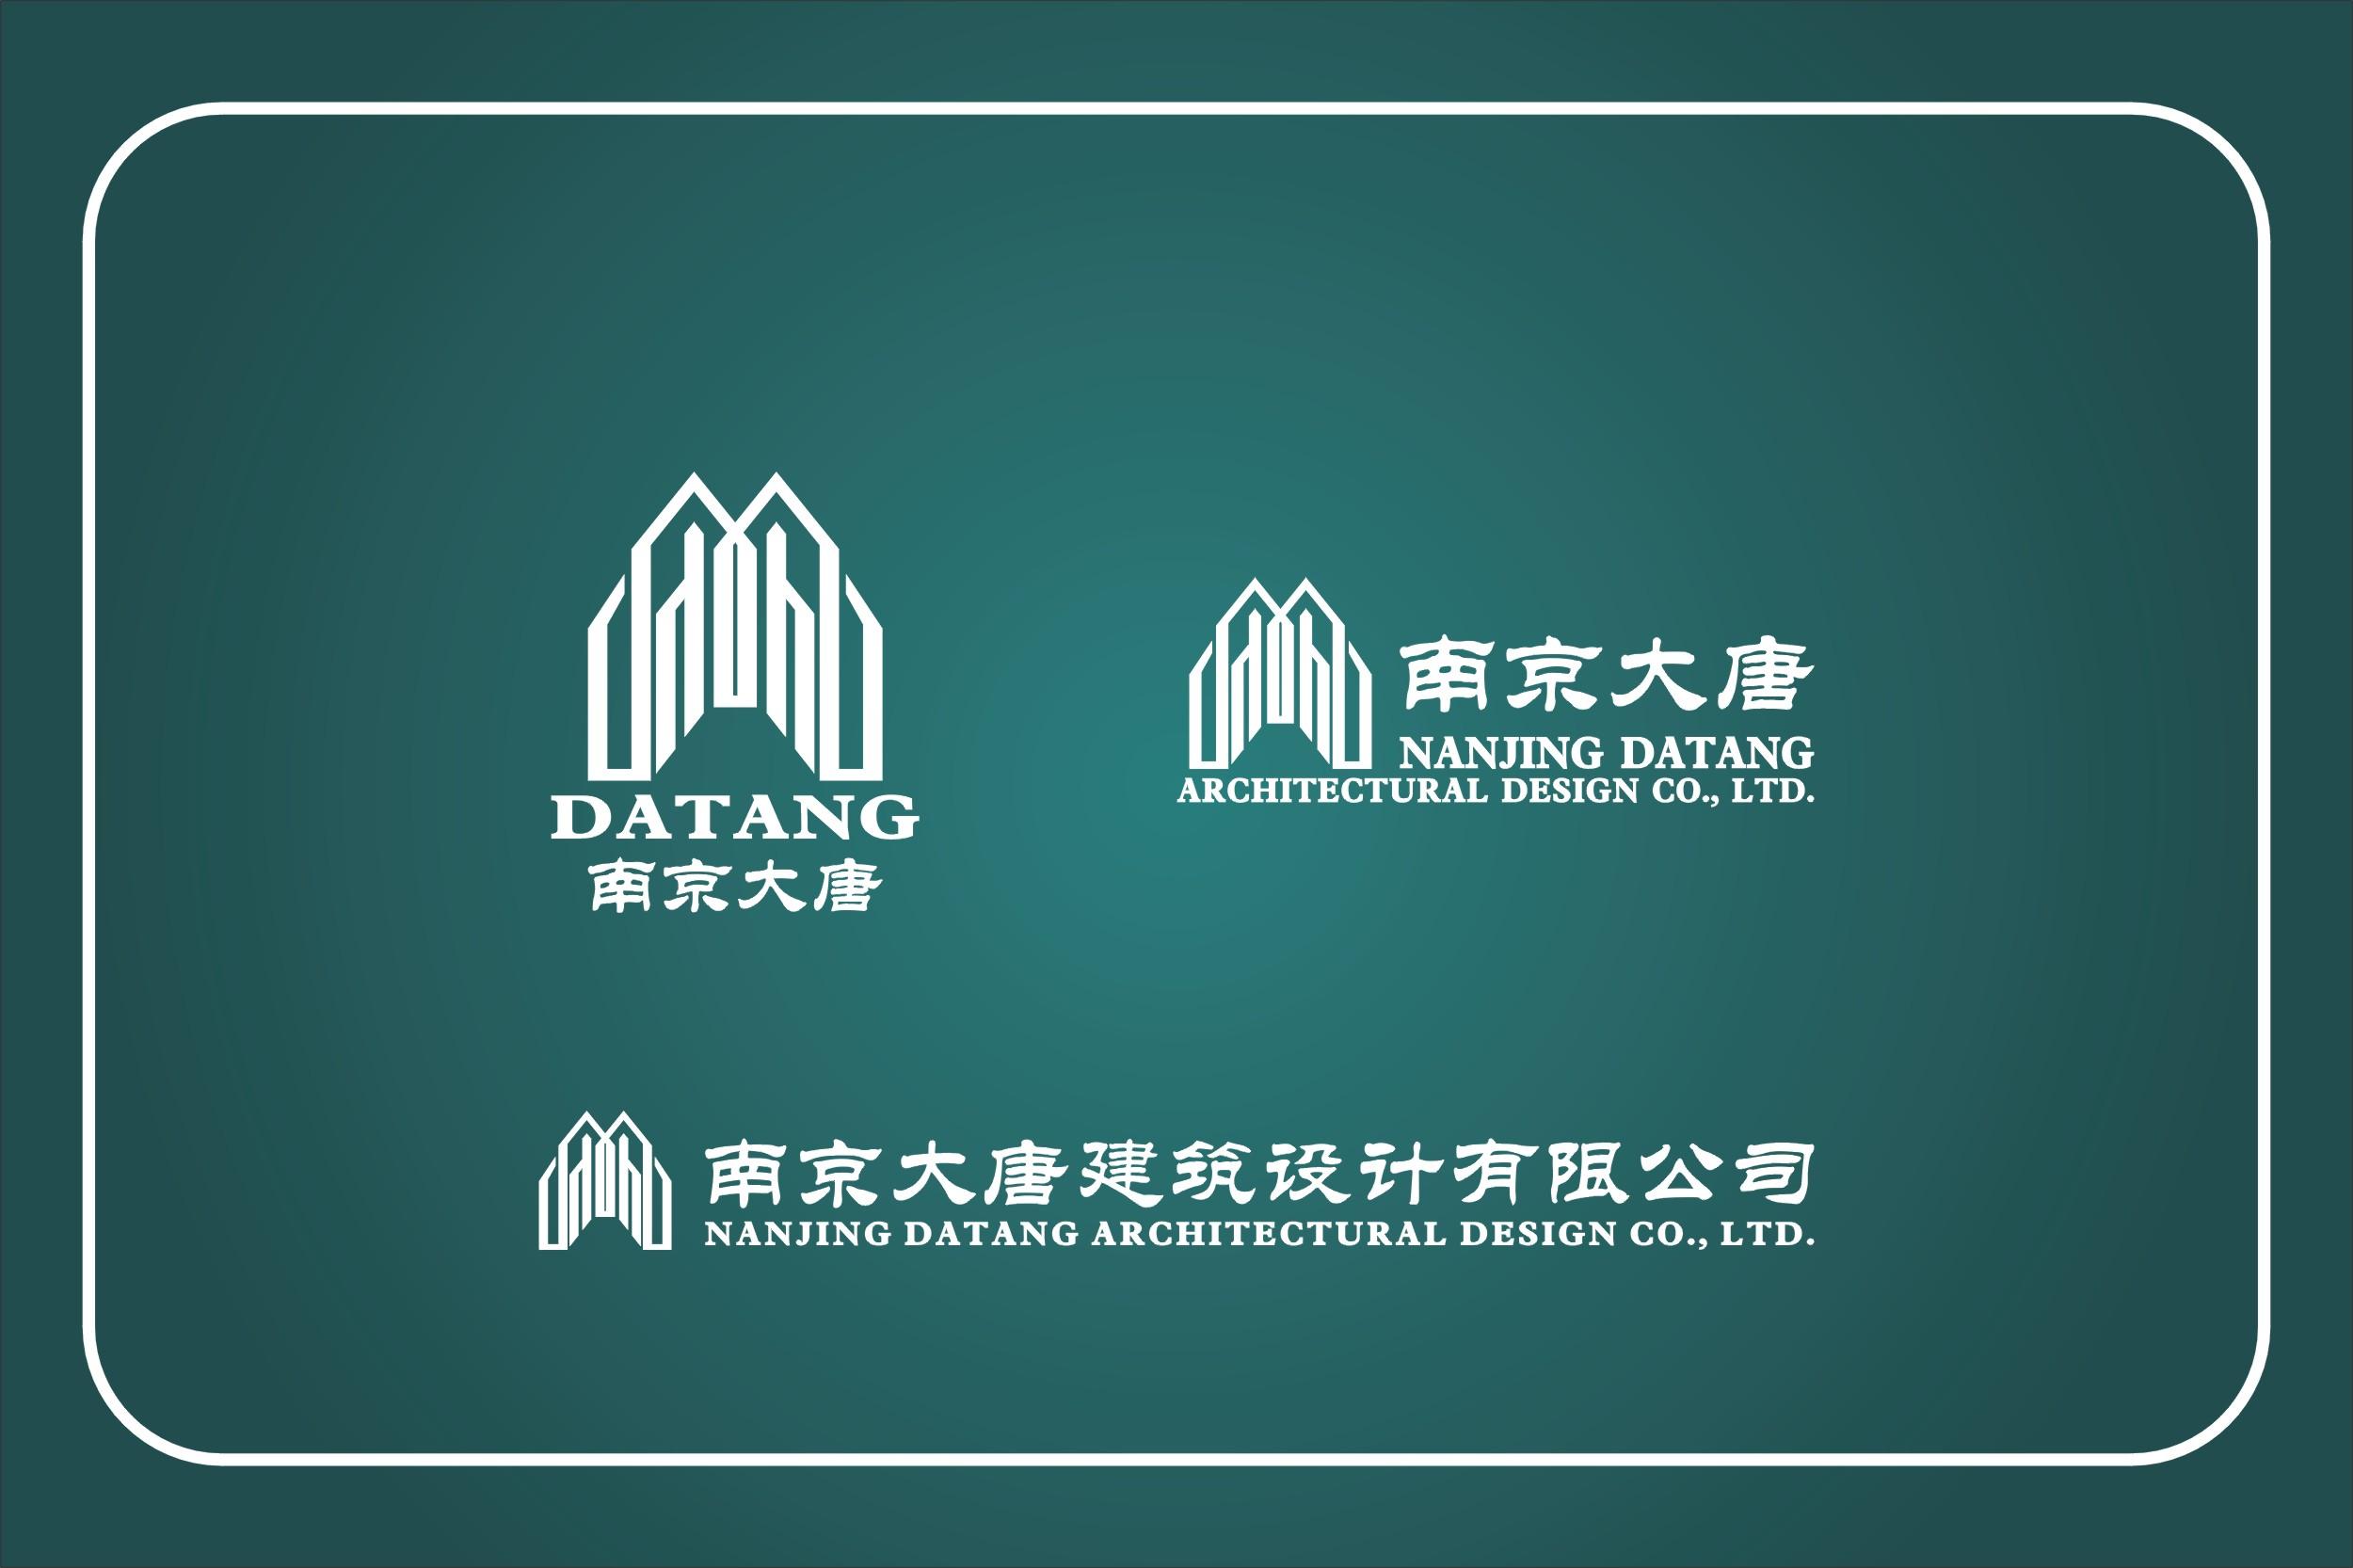 南京大唐建筑设计公司logo名片纸袋设计图片